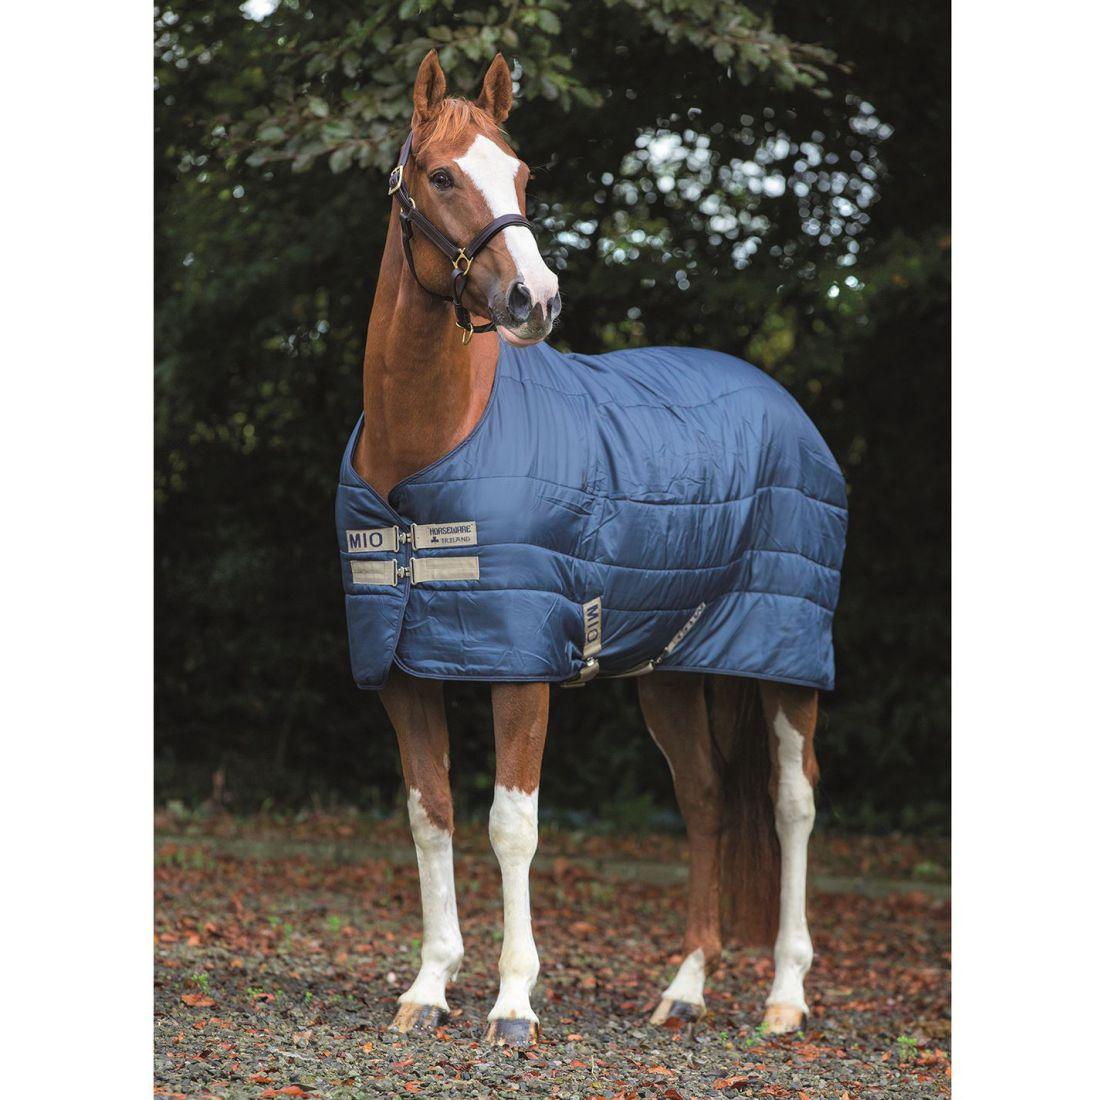 Mio Insulator Medium Stable150g Unisex Horse Rug Classic Shine